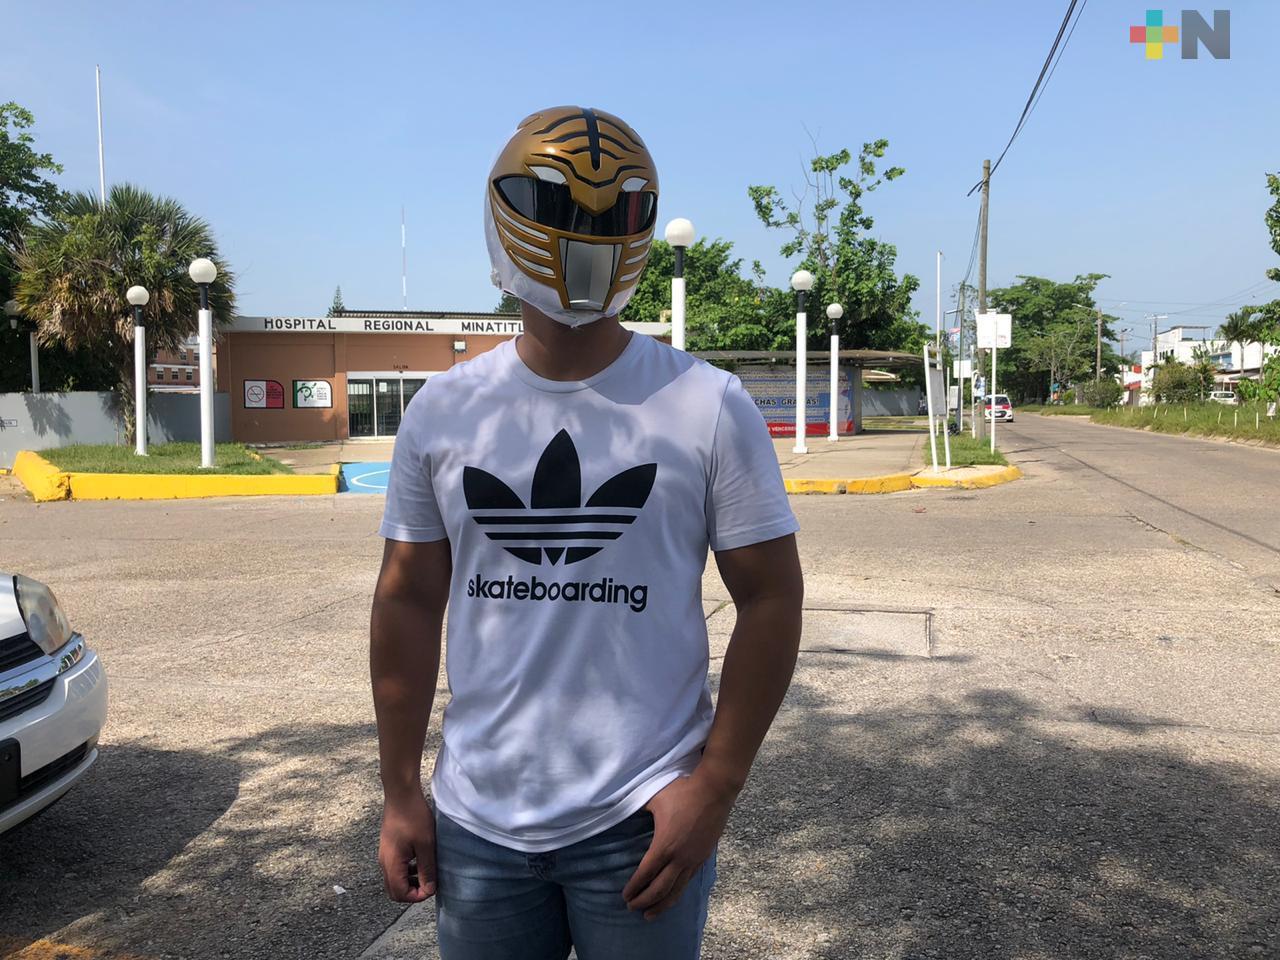 De camillero en hospital de Minatitlán, a un Power Ranger